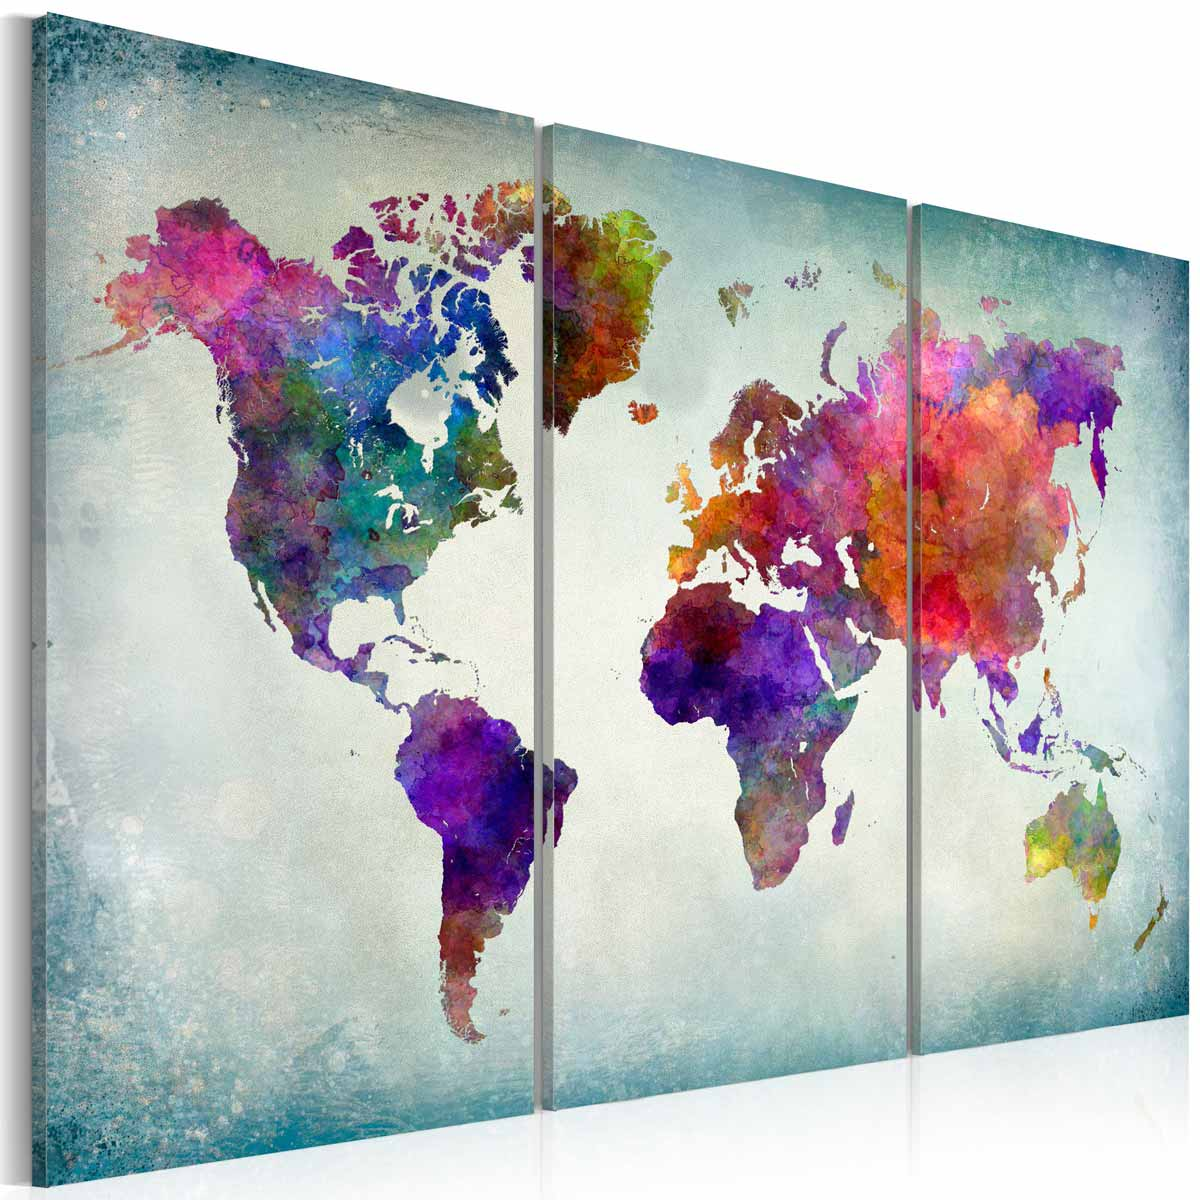 ARTGEIST Verdenskort i farver billede - multifarvet print, 2 størrelser 120x80